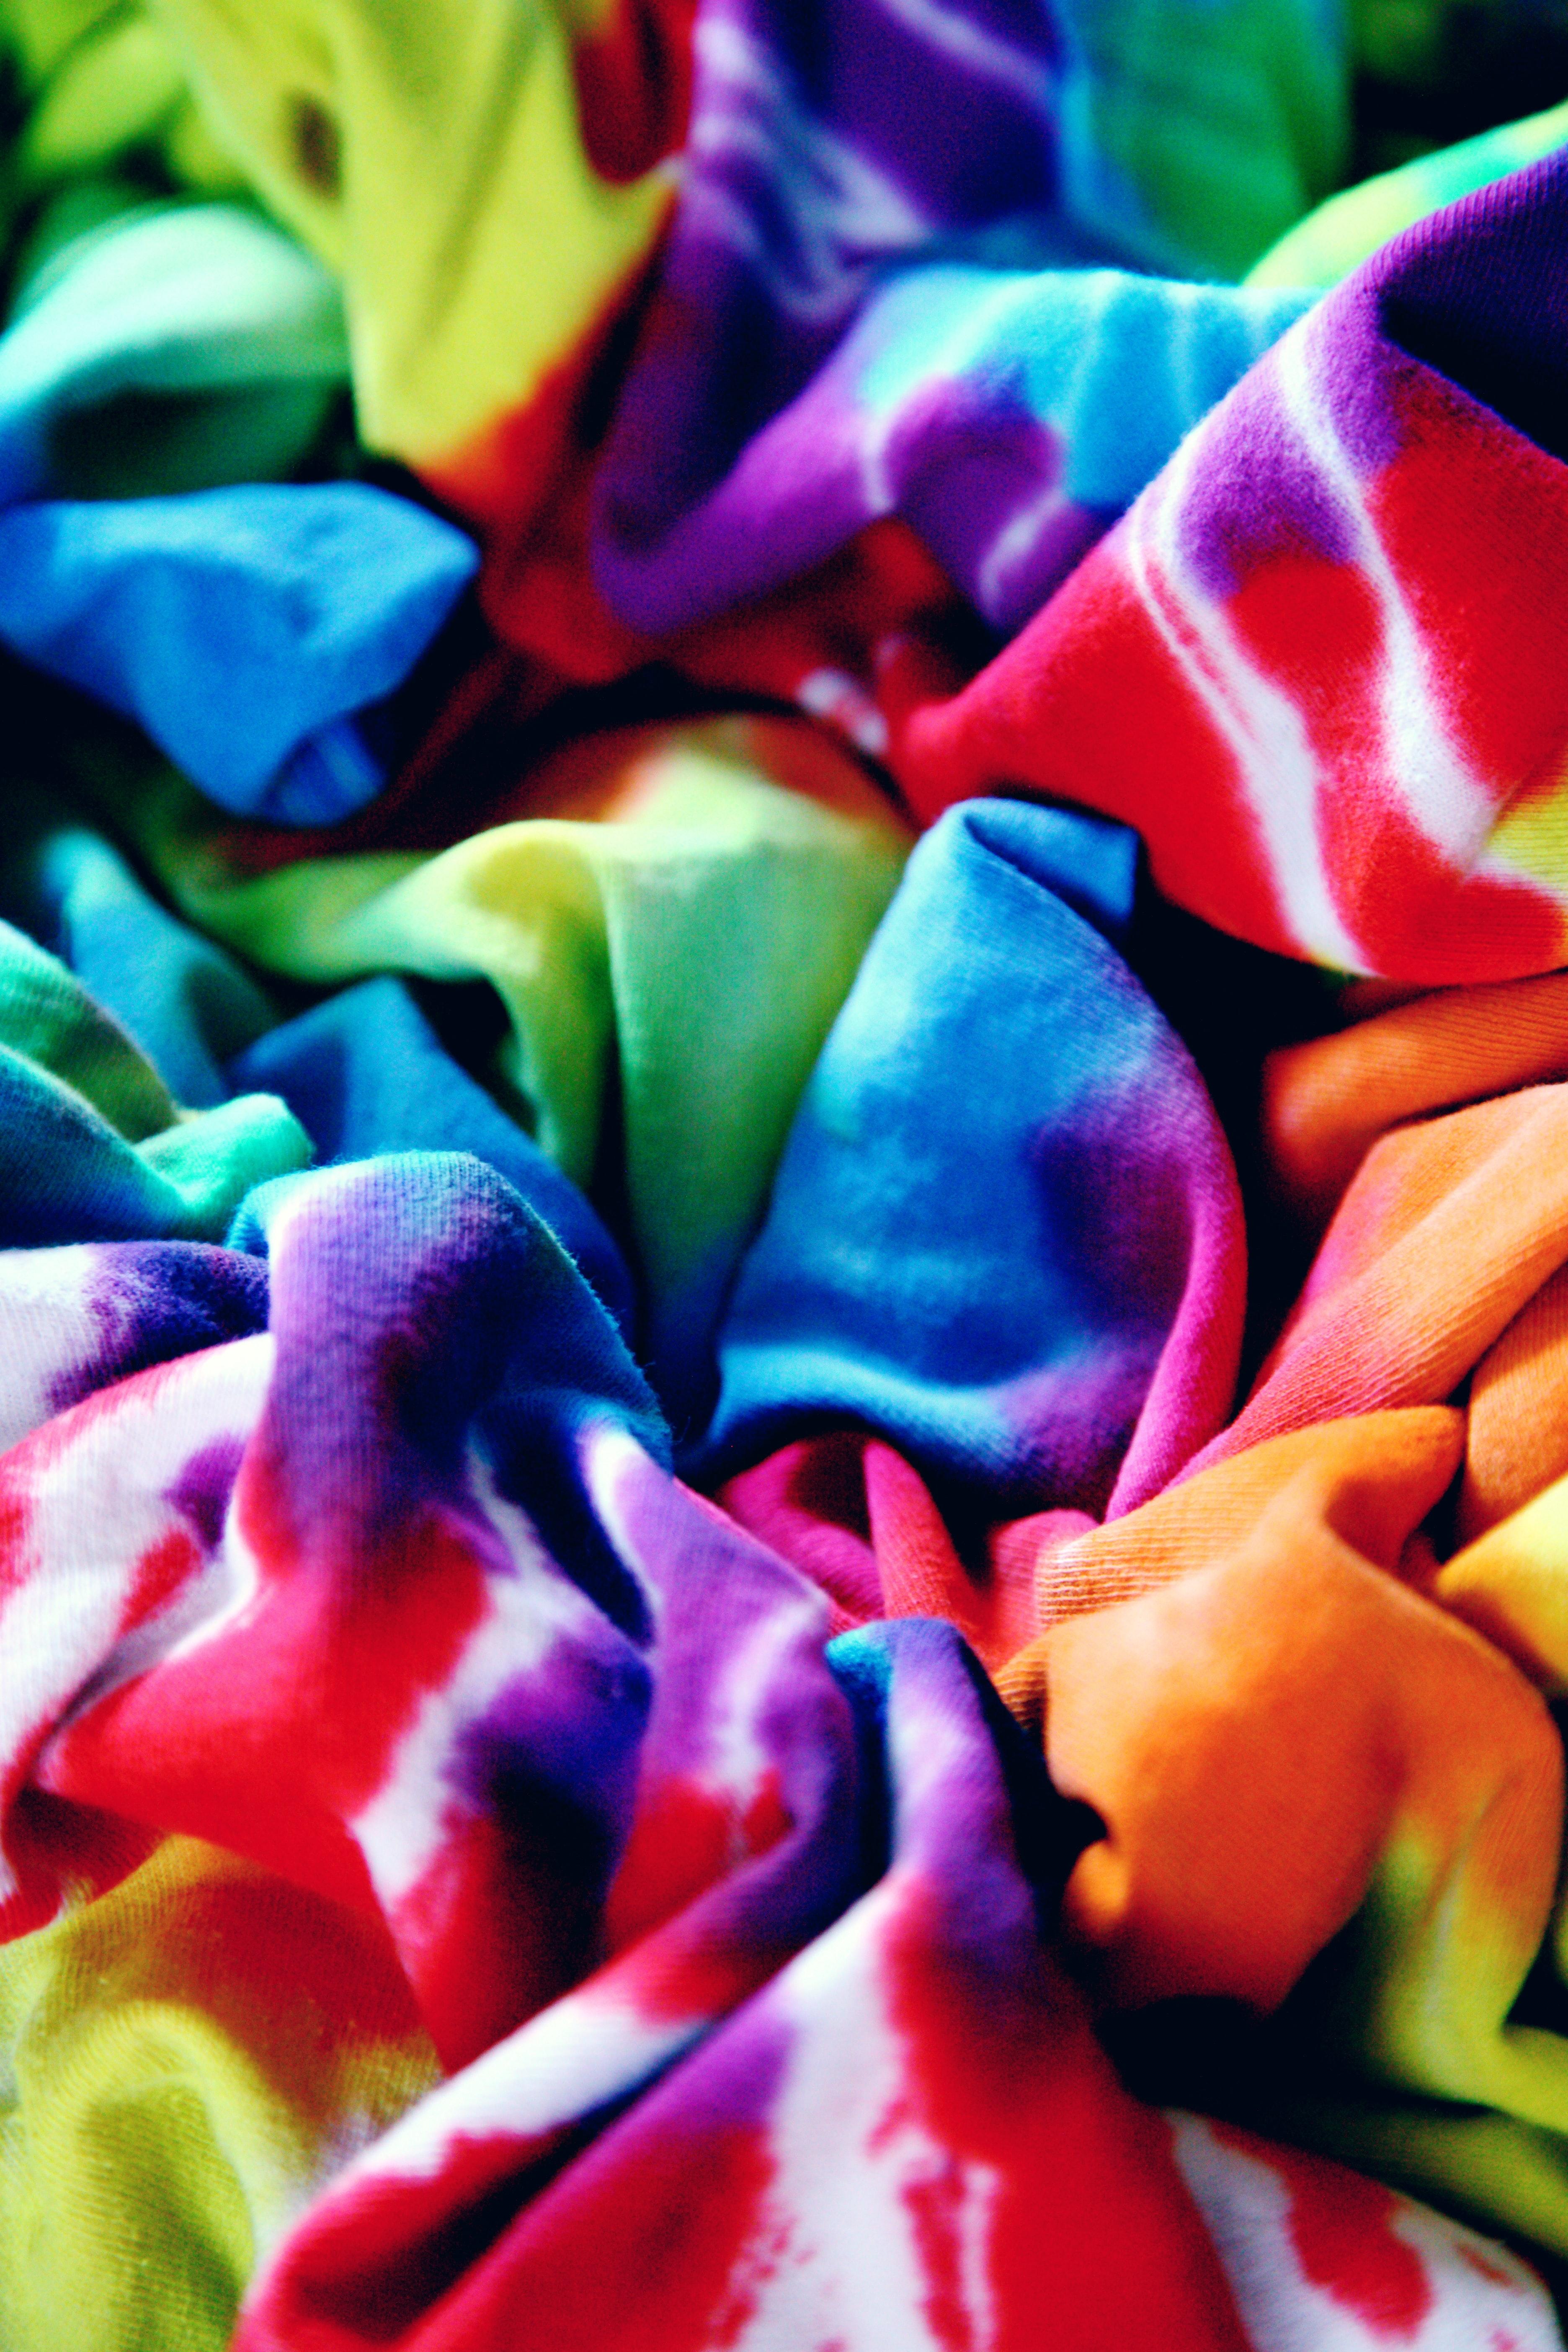 114391 скачать обои Радуга, Разное, Разноцветный, Ткань - заставки и картинки бесплатно